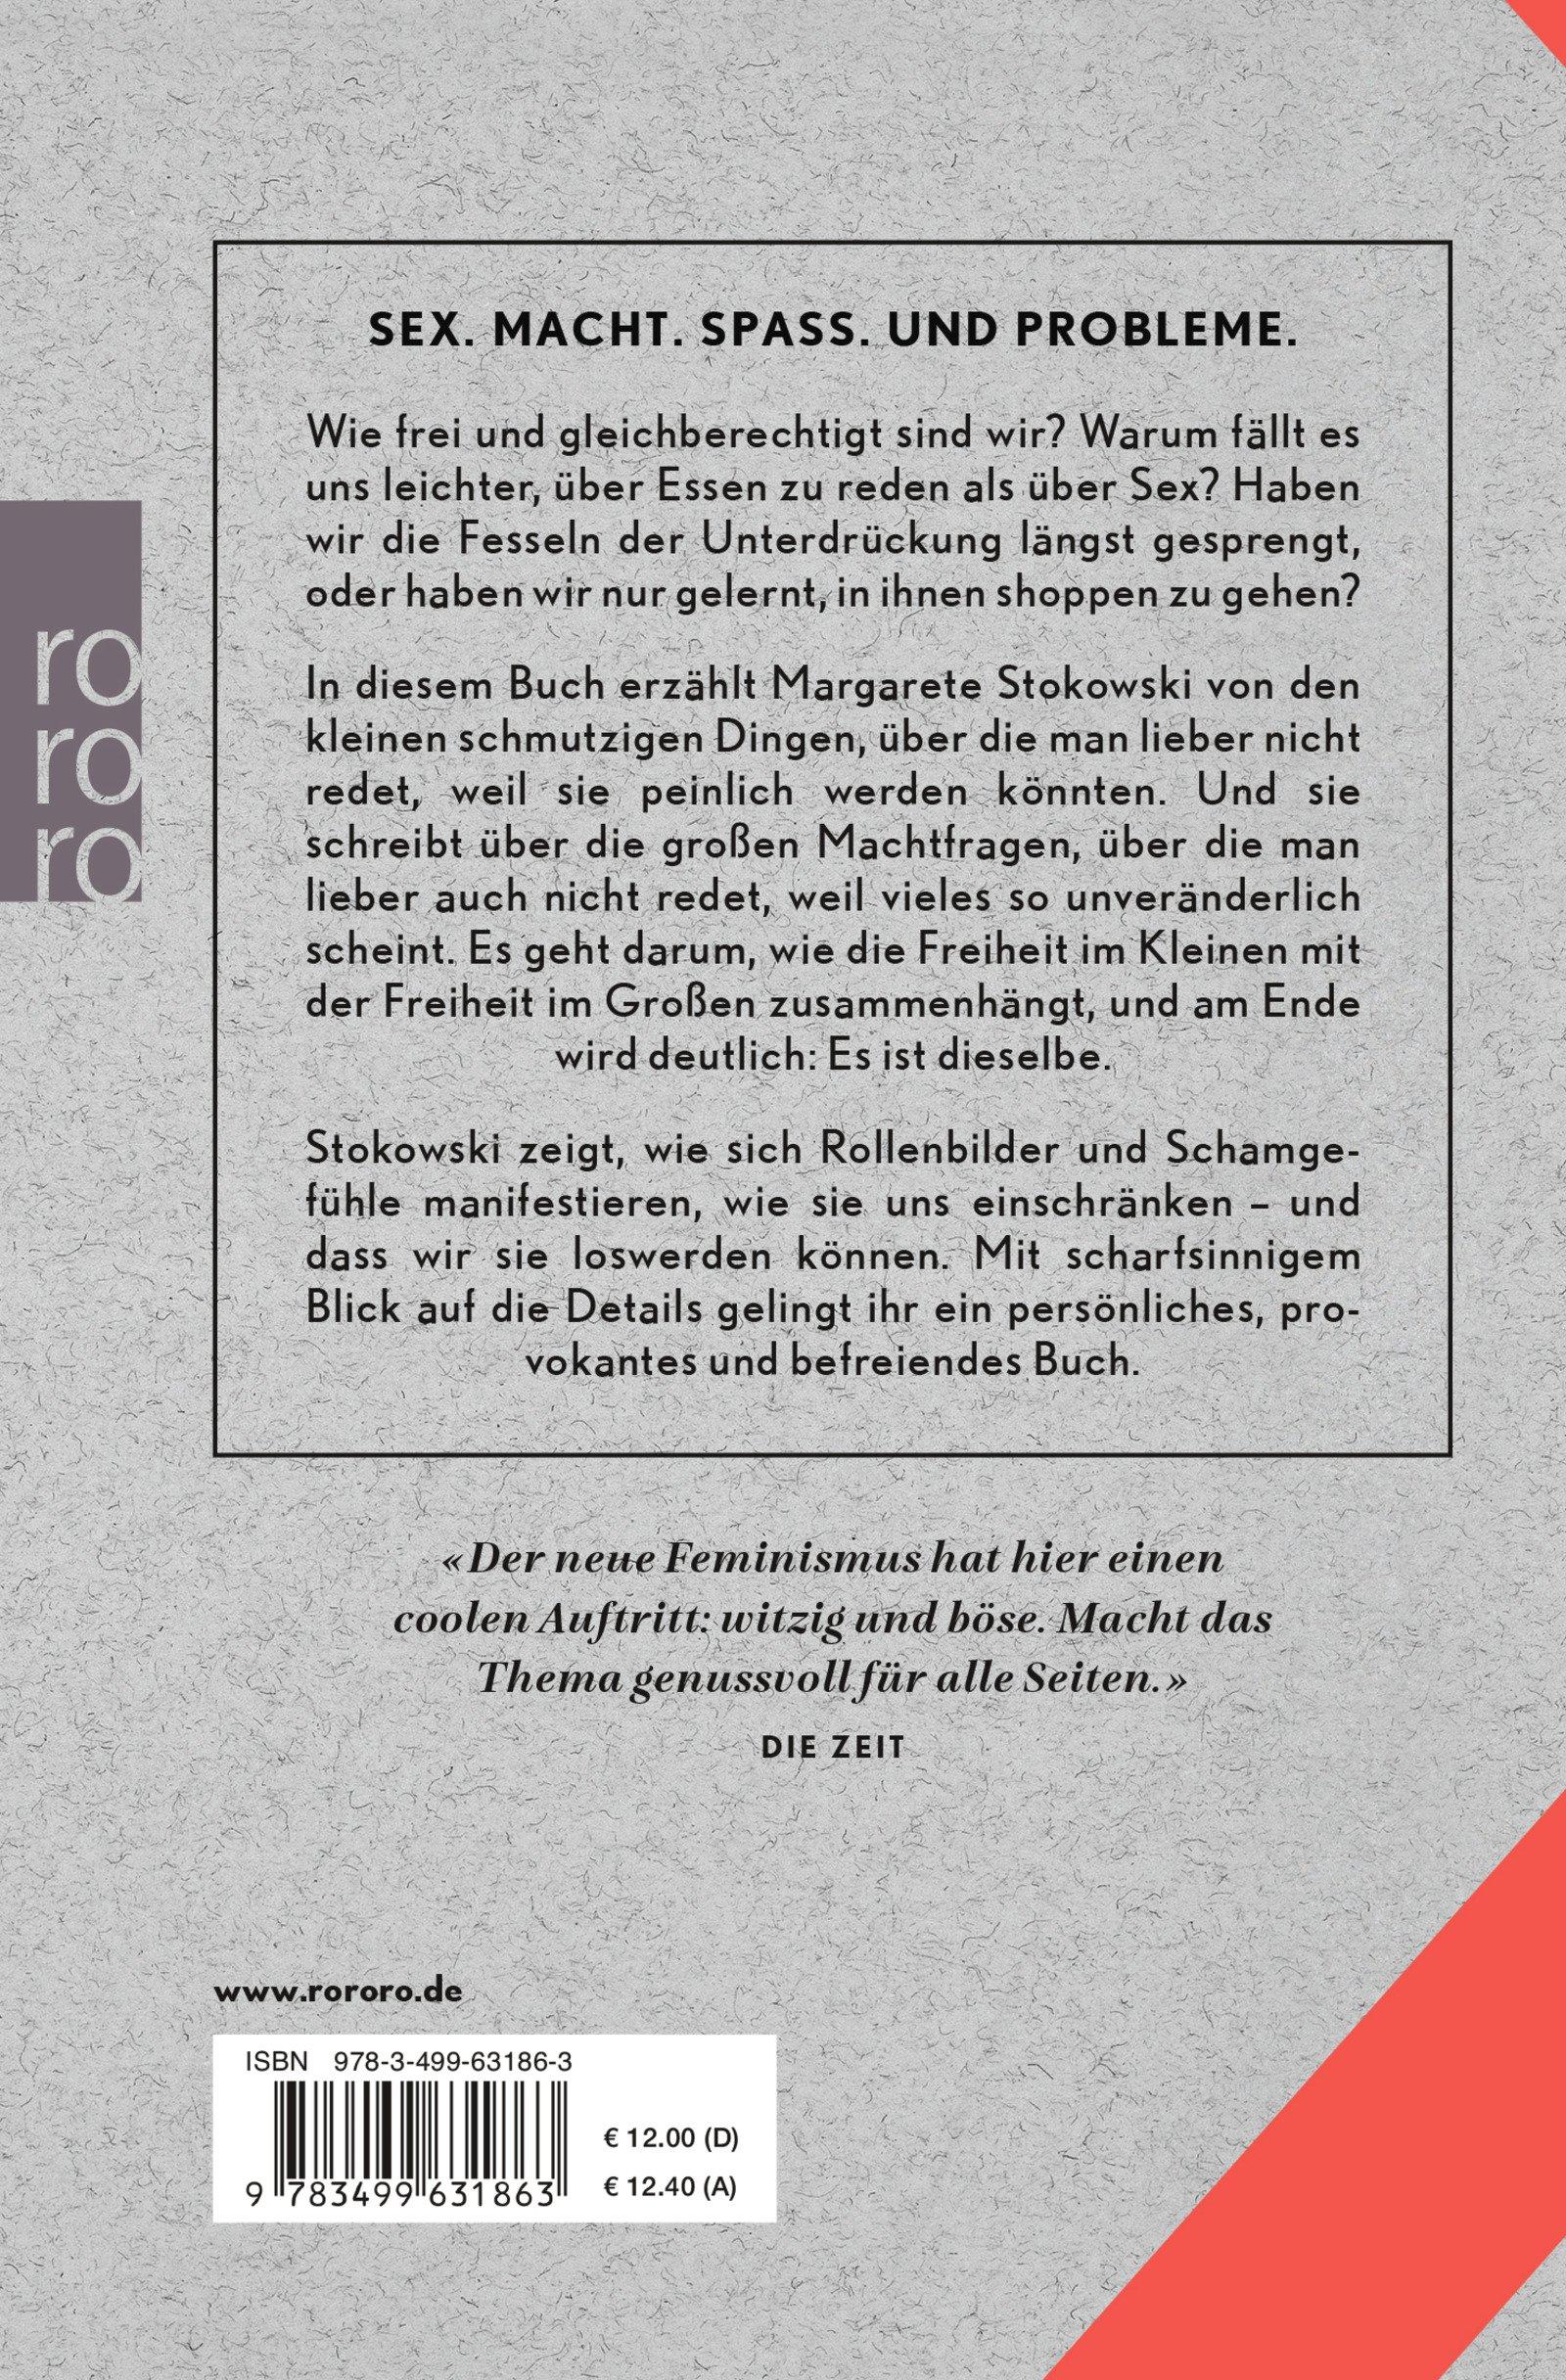 Großzügig Probe Oder Fortsetzen Ideen - Entry Level Resume Vorlagen ...